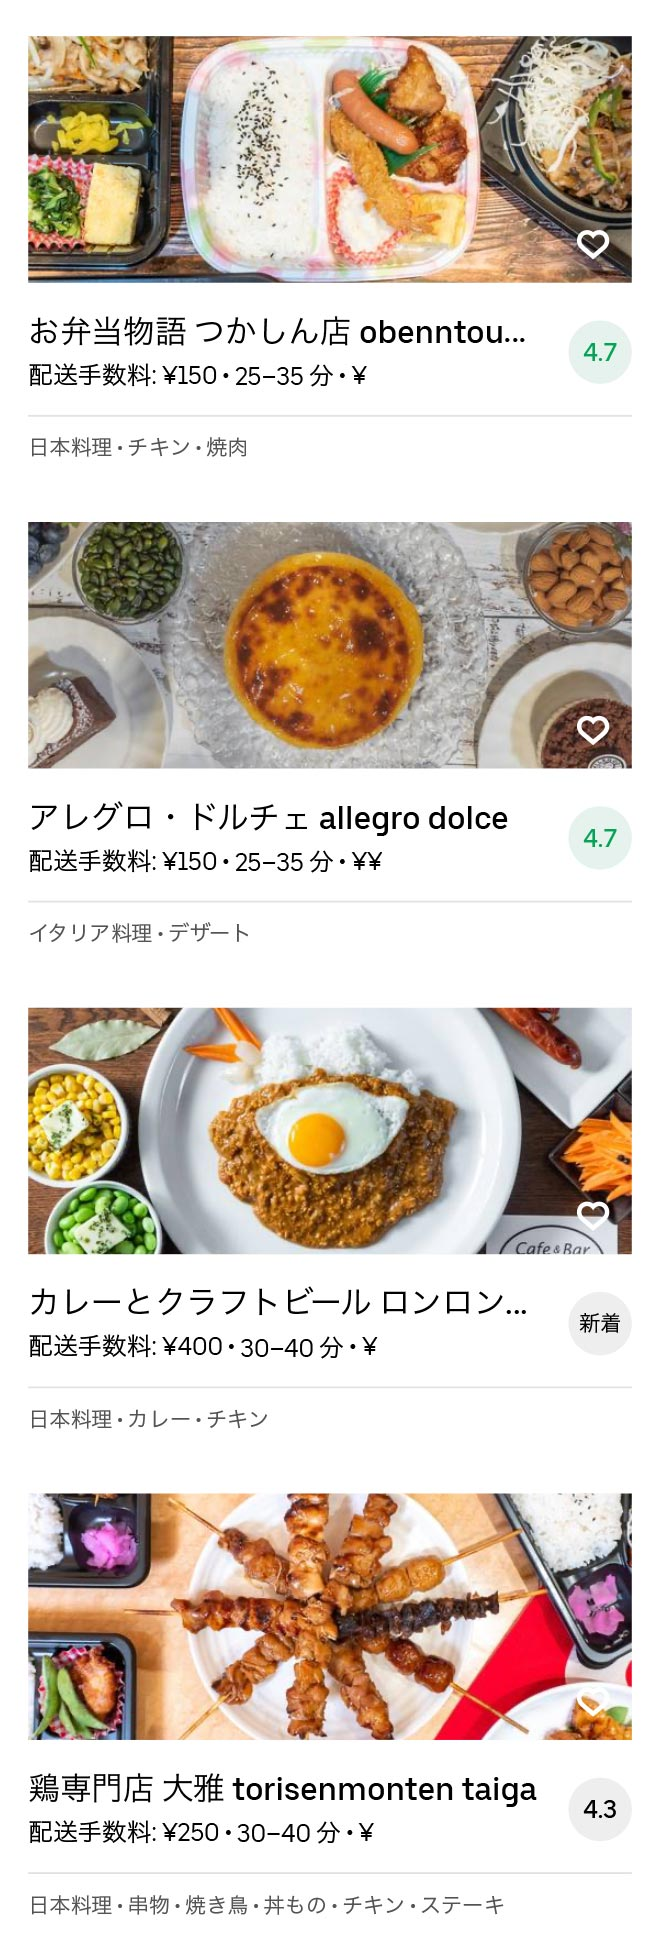 Itami menu 2007 11